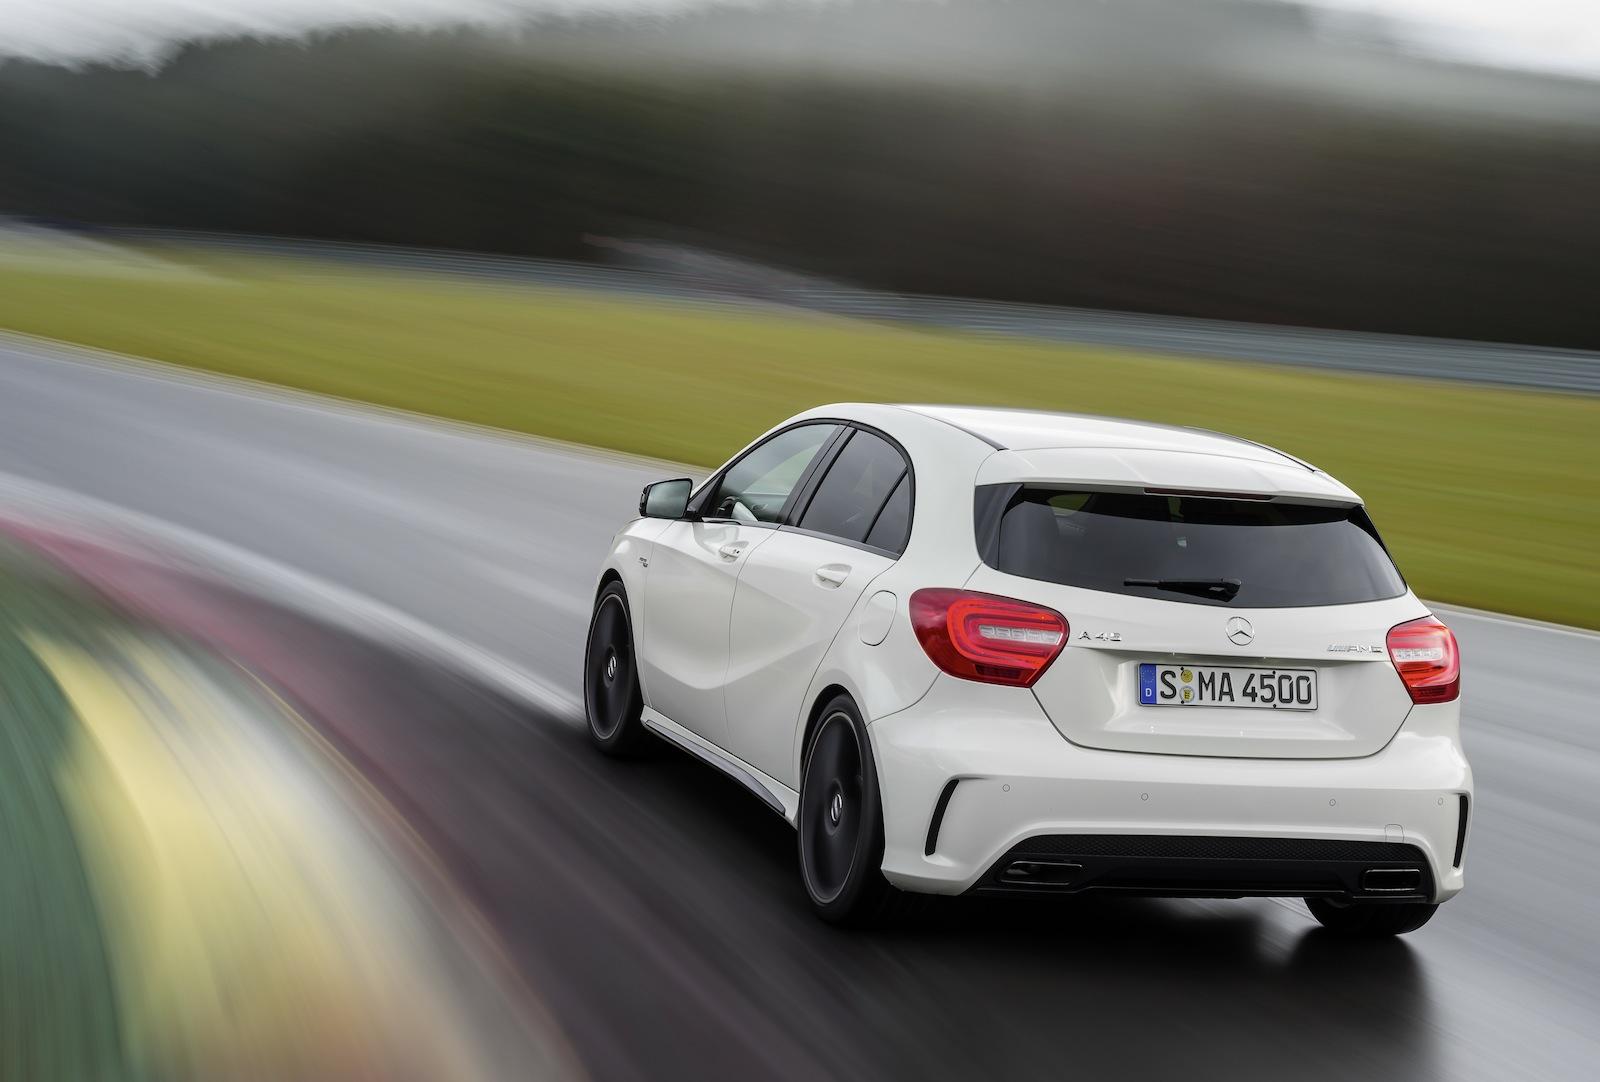 Mercedes Benz Hatchback Amg Price